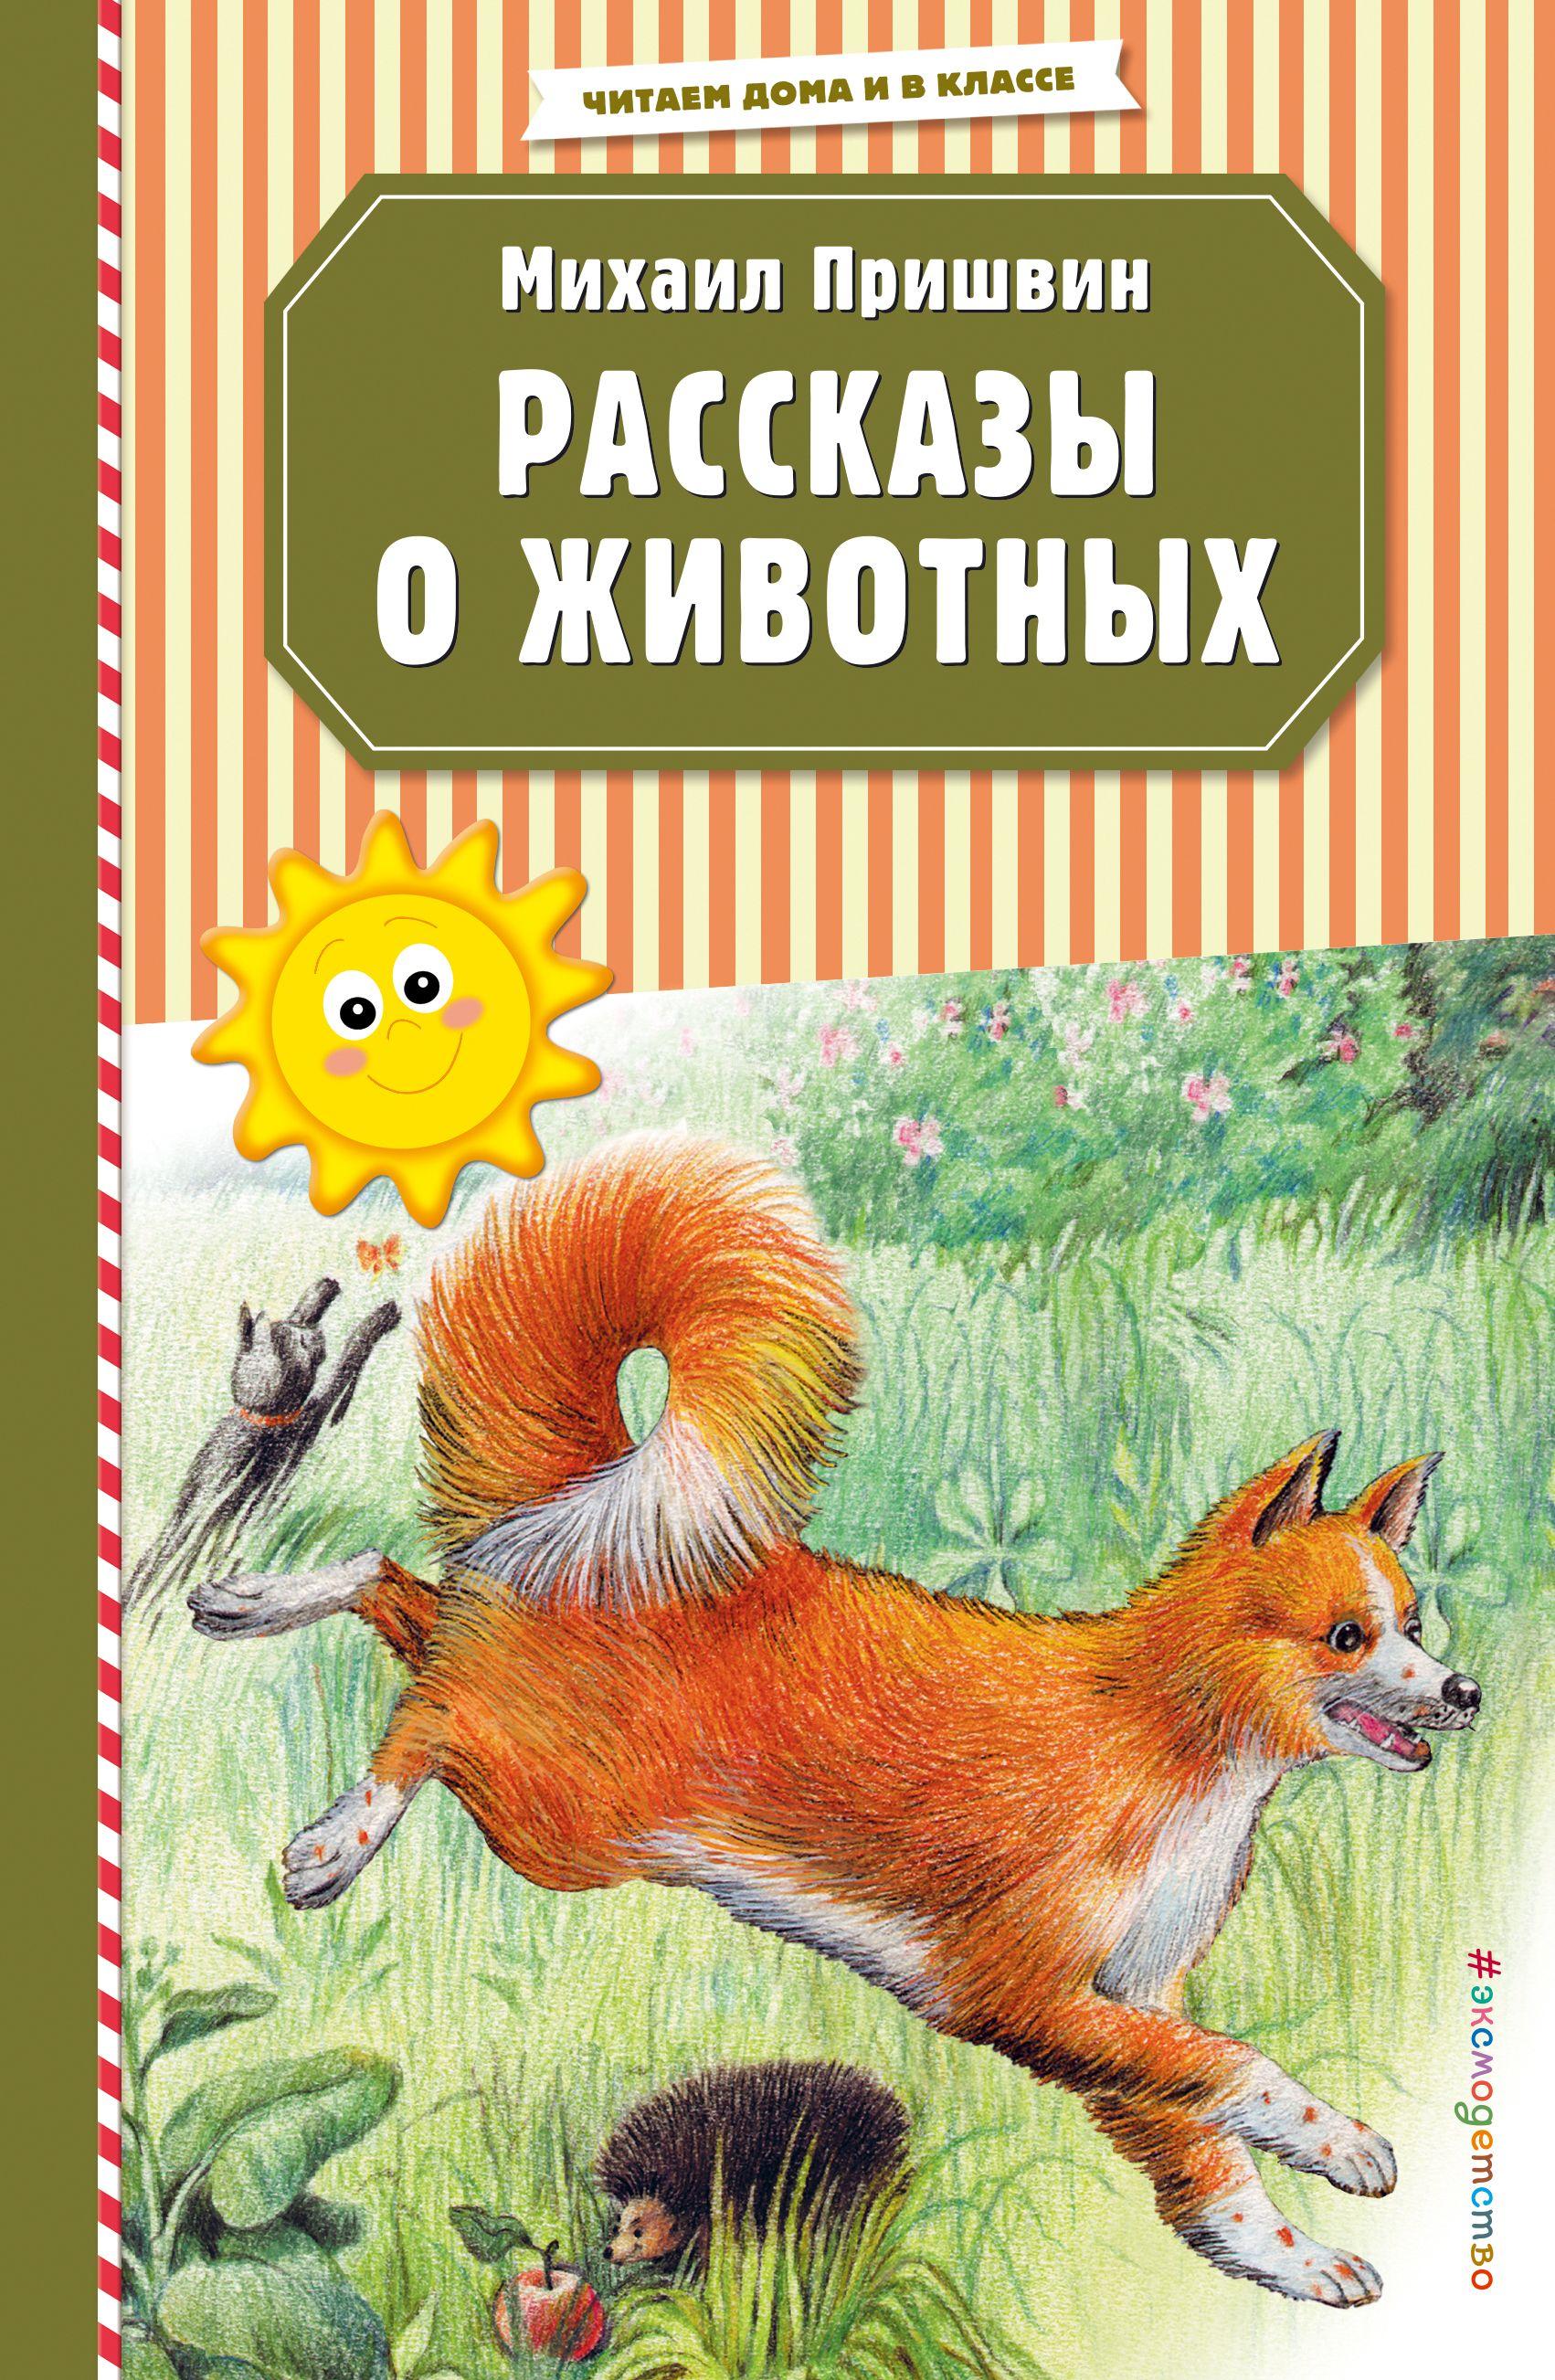 Купить книгу Рассказы о животных, автора Михаила Пришвина